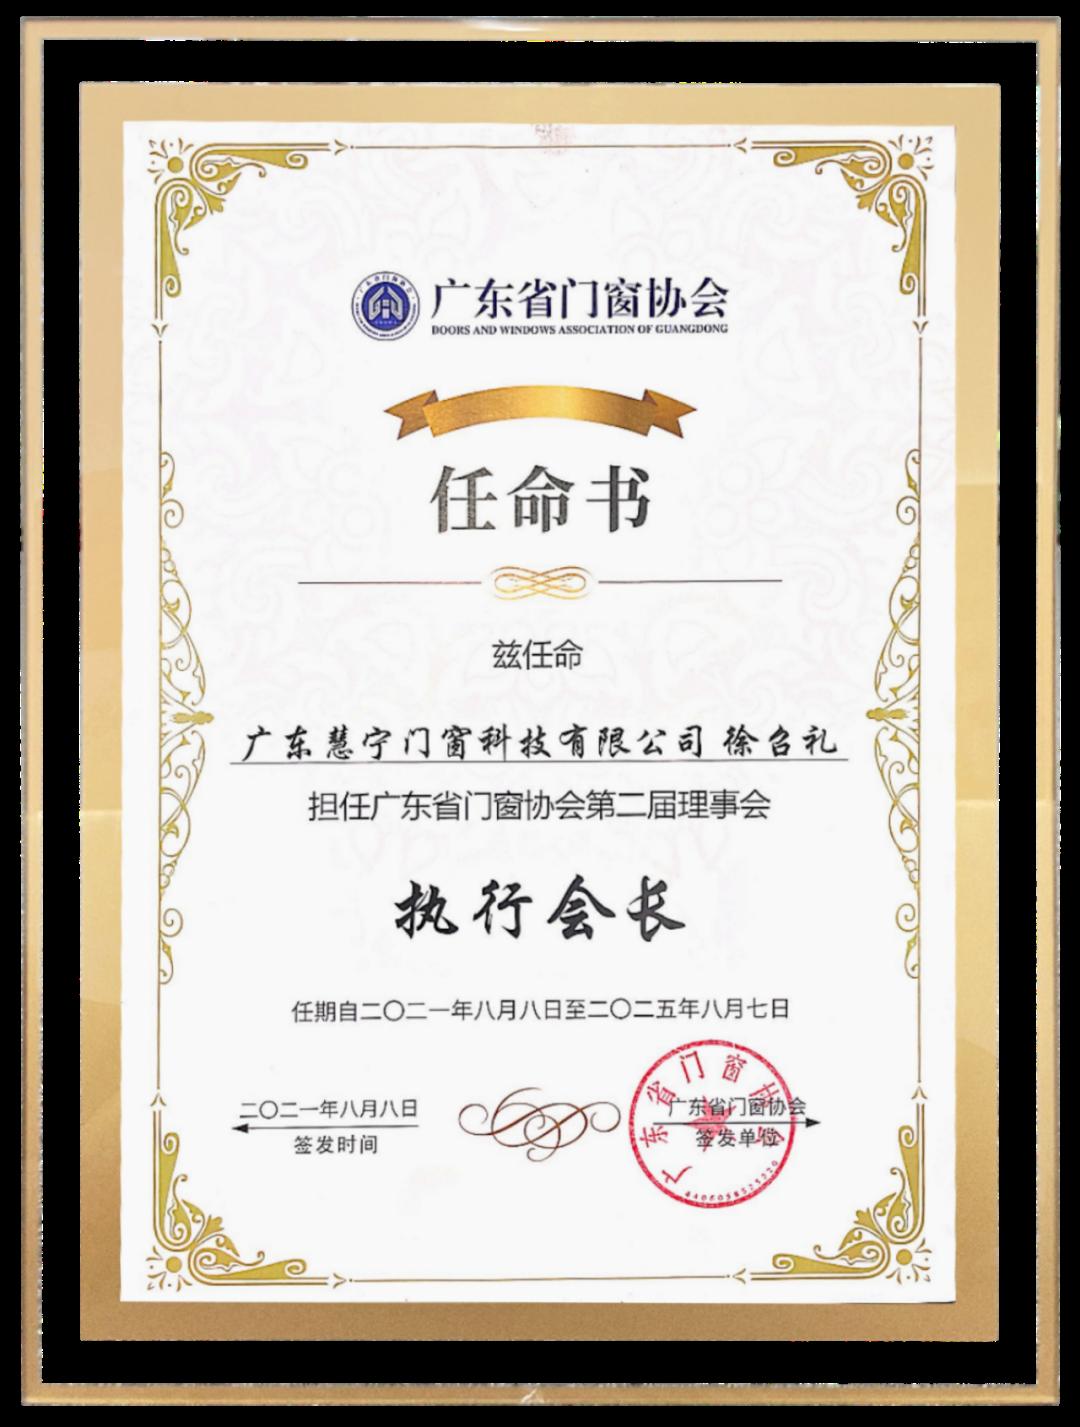 广东省门窗协会第二届执行会长